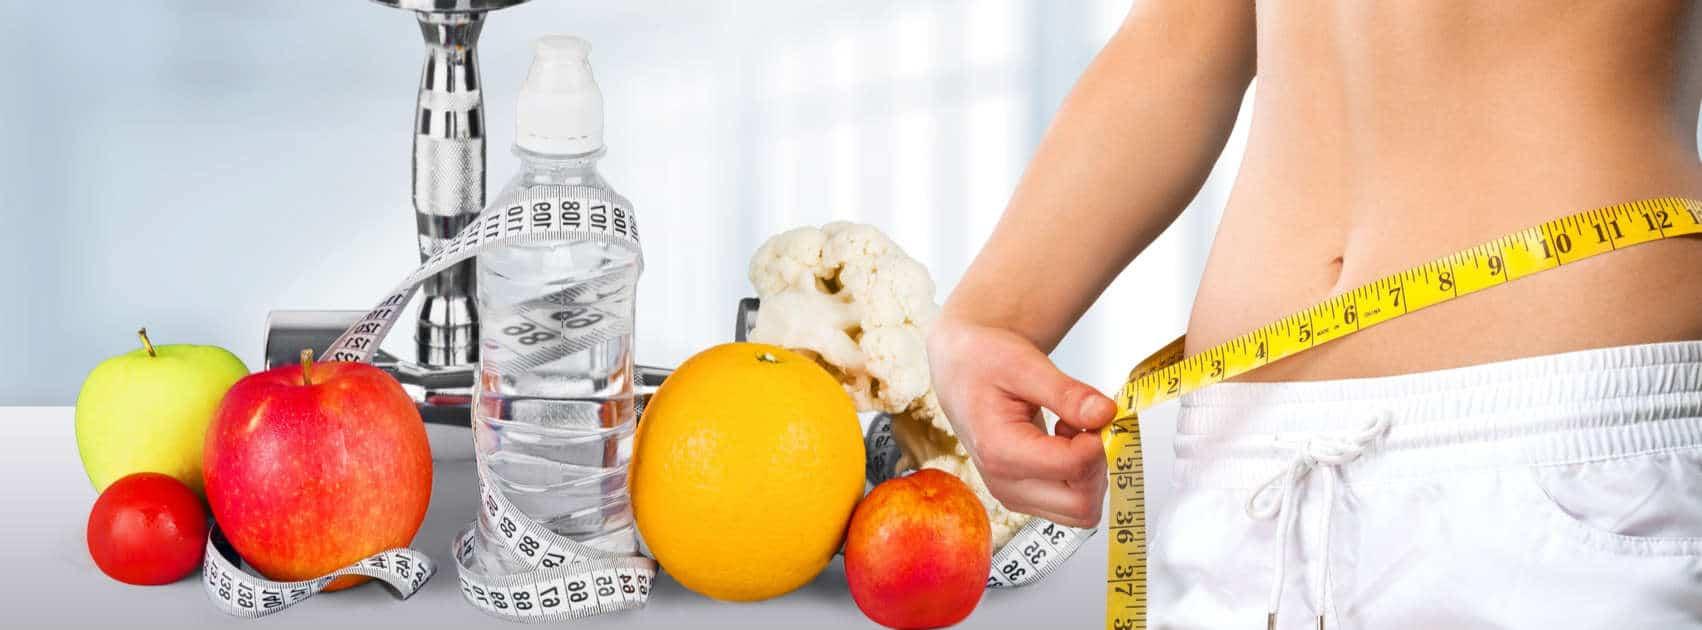 Je ideale gewicht heb je zelf in de hand : 7 tips van de apotheker